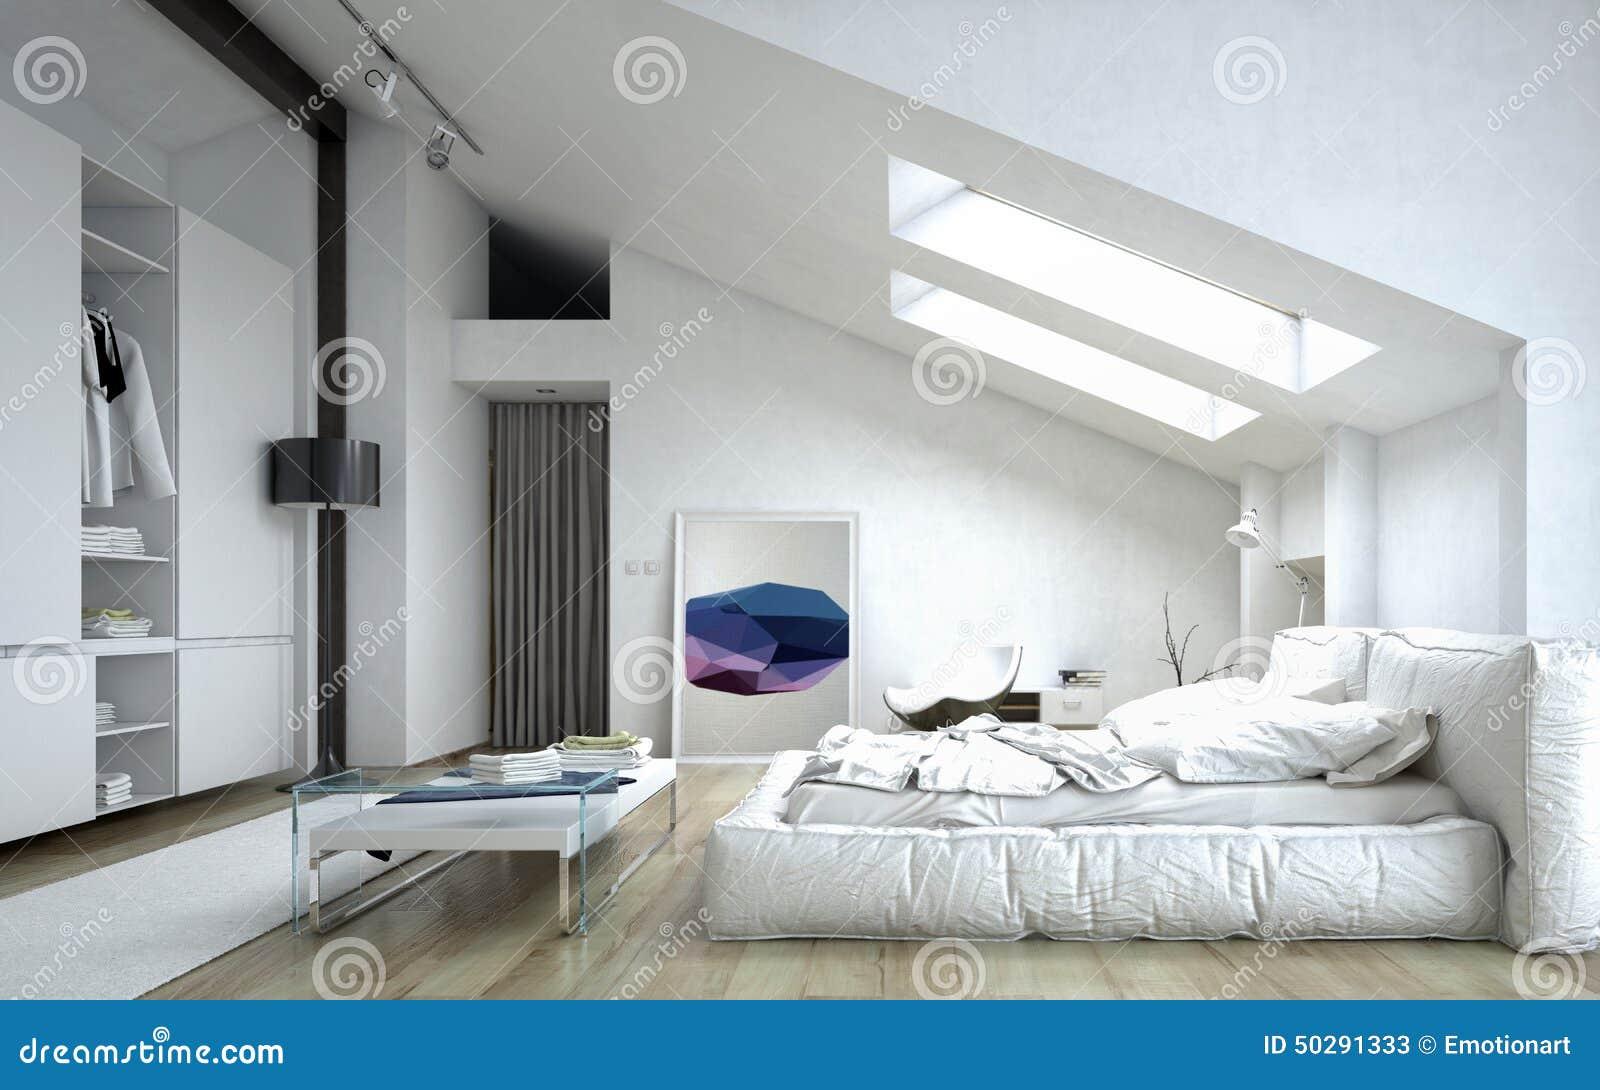 Chambre coucher architecturale l 39 int rieur de la for Conception de la chambre